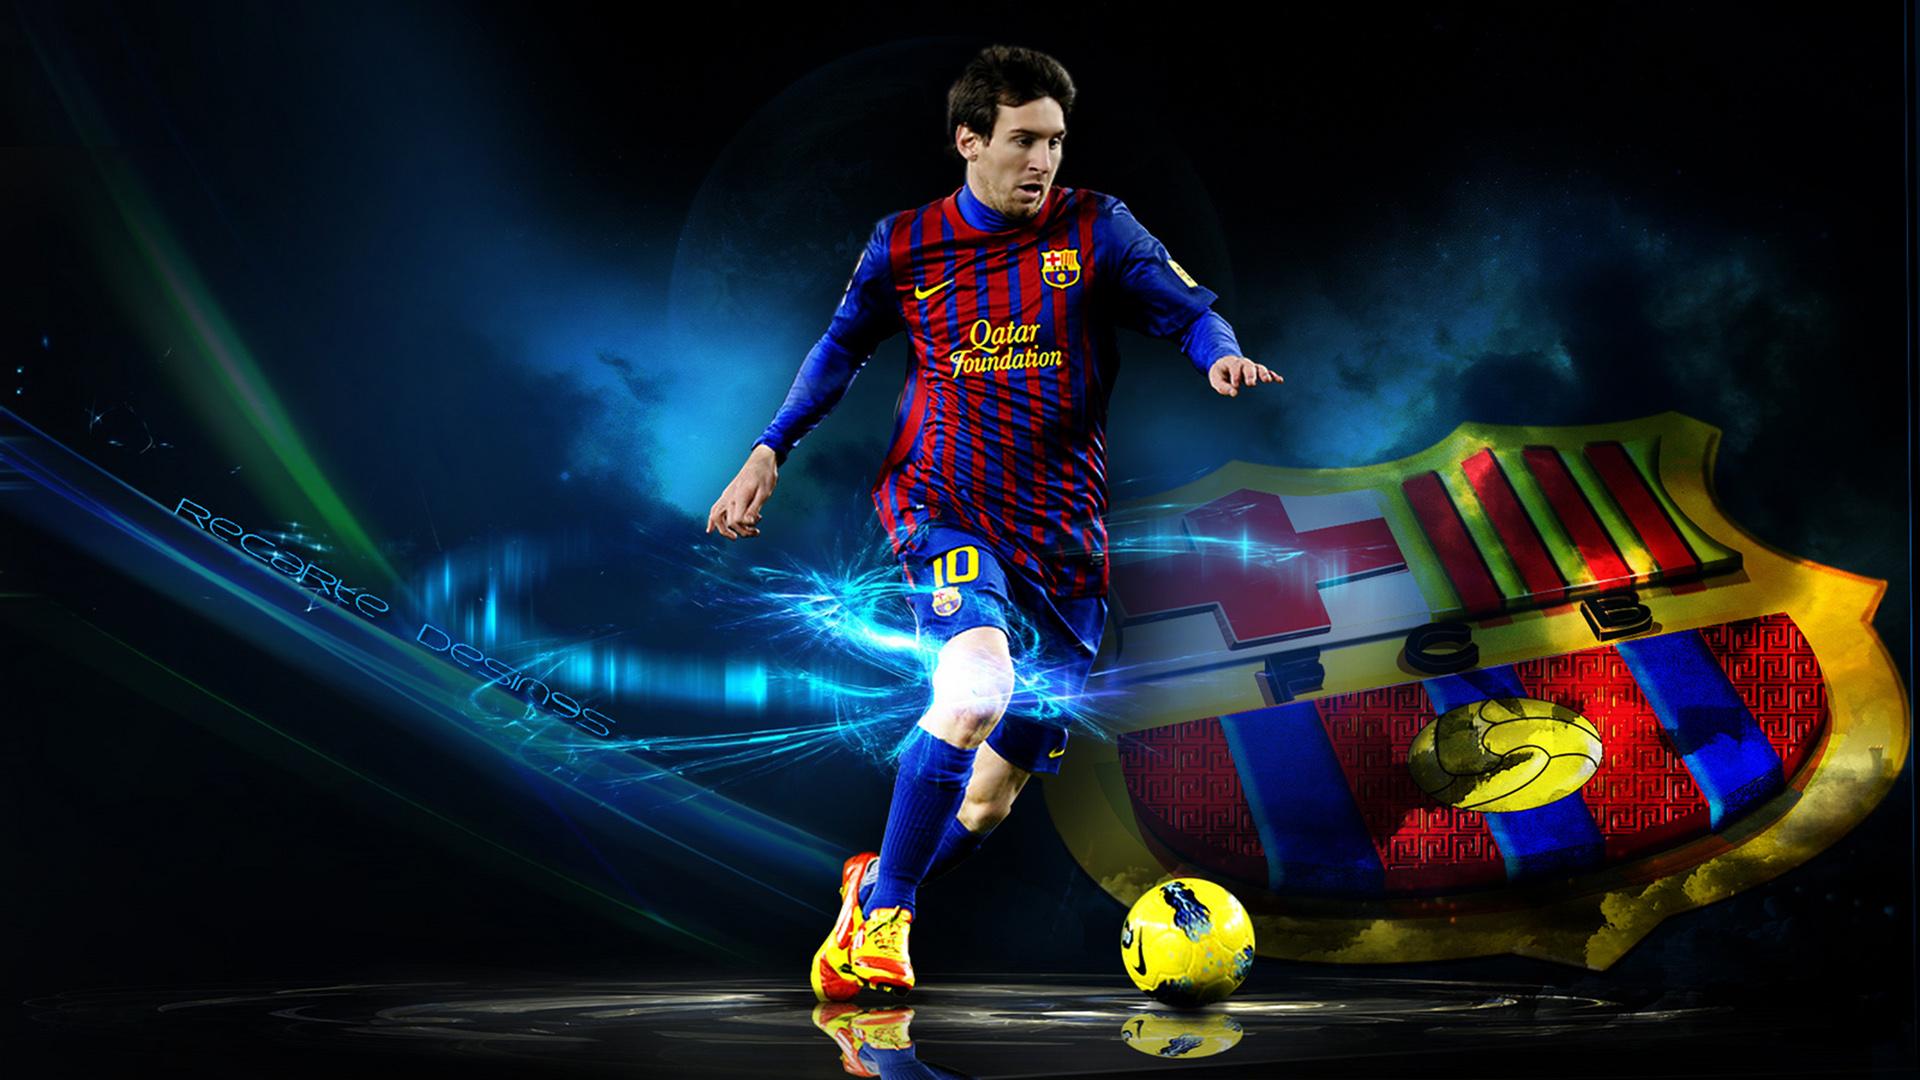 Messi Hd Wallpapers Wallpaper Hd Fondos De Pantalla Hd